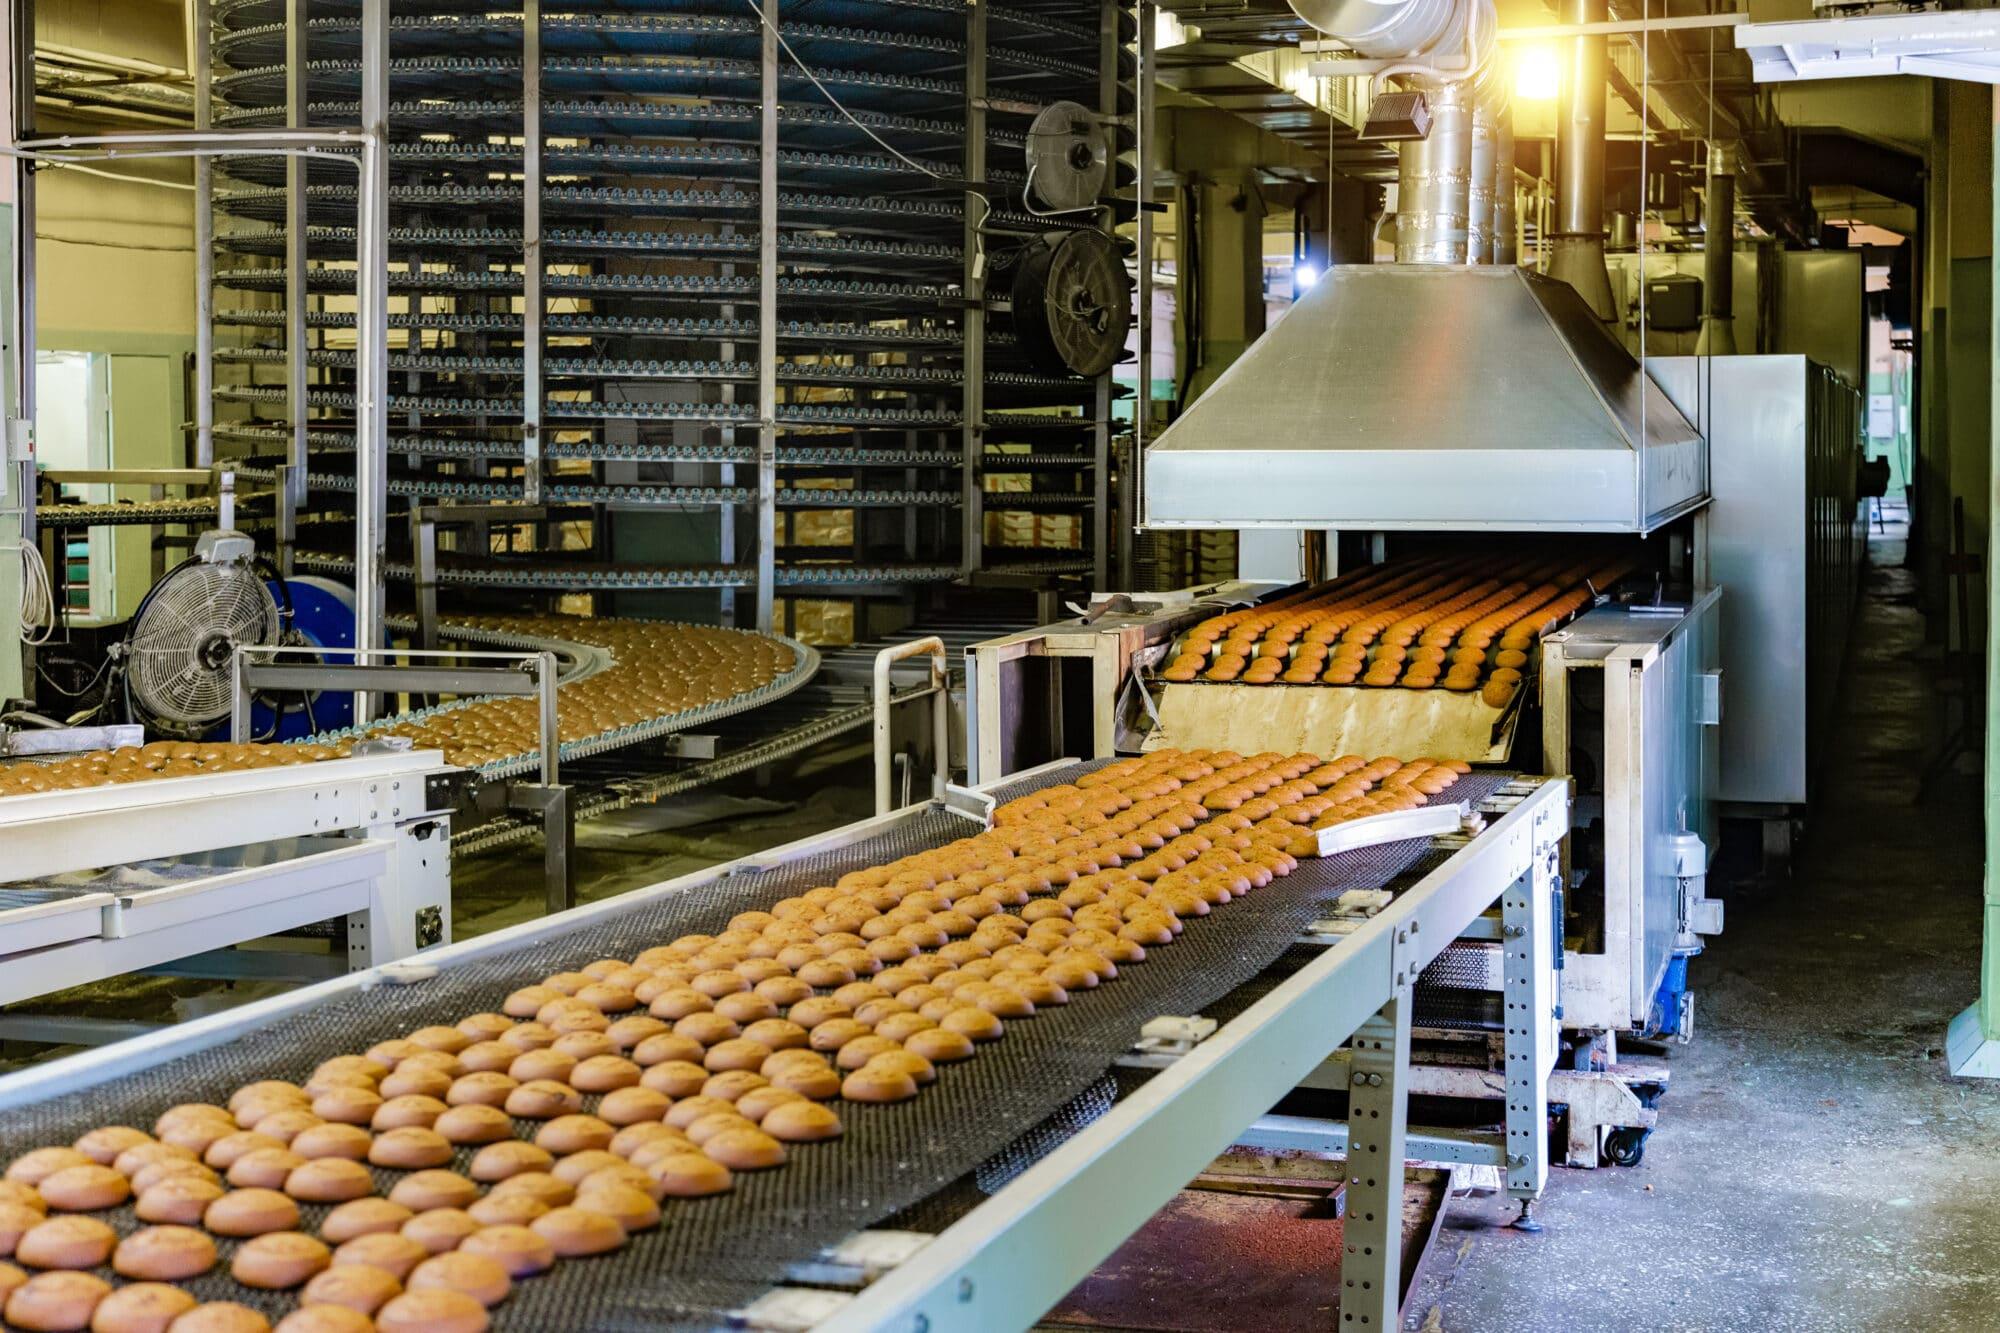 Entretien en industrie alimentaire